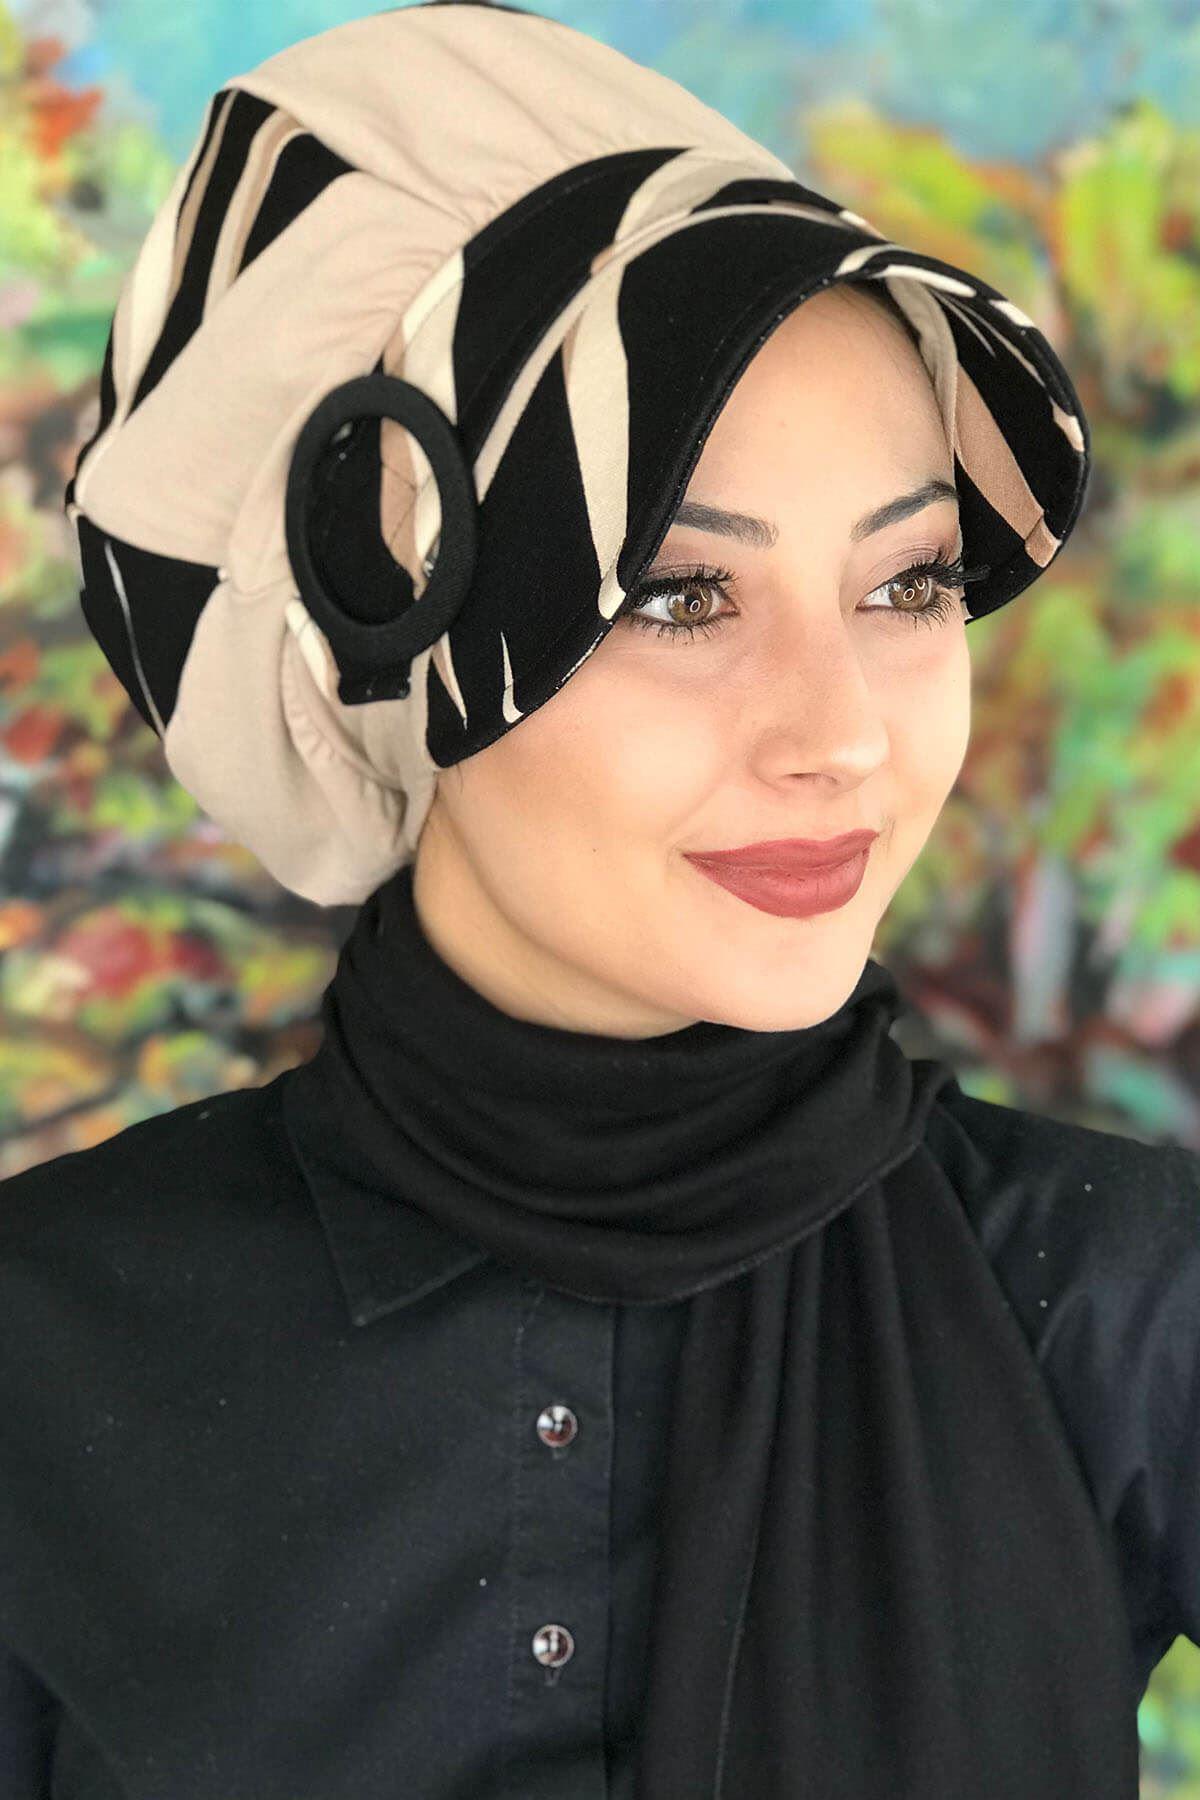 Bad-ı Saba Siyah Çizgili Bej Çarkıfelek Tokalı Siyah Atkılı Şapka